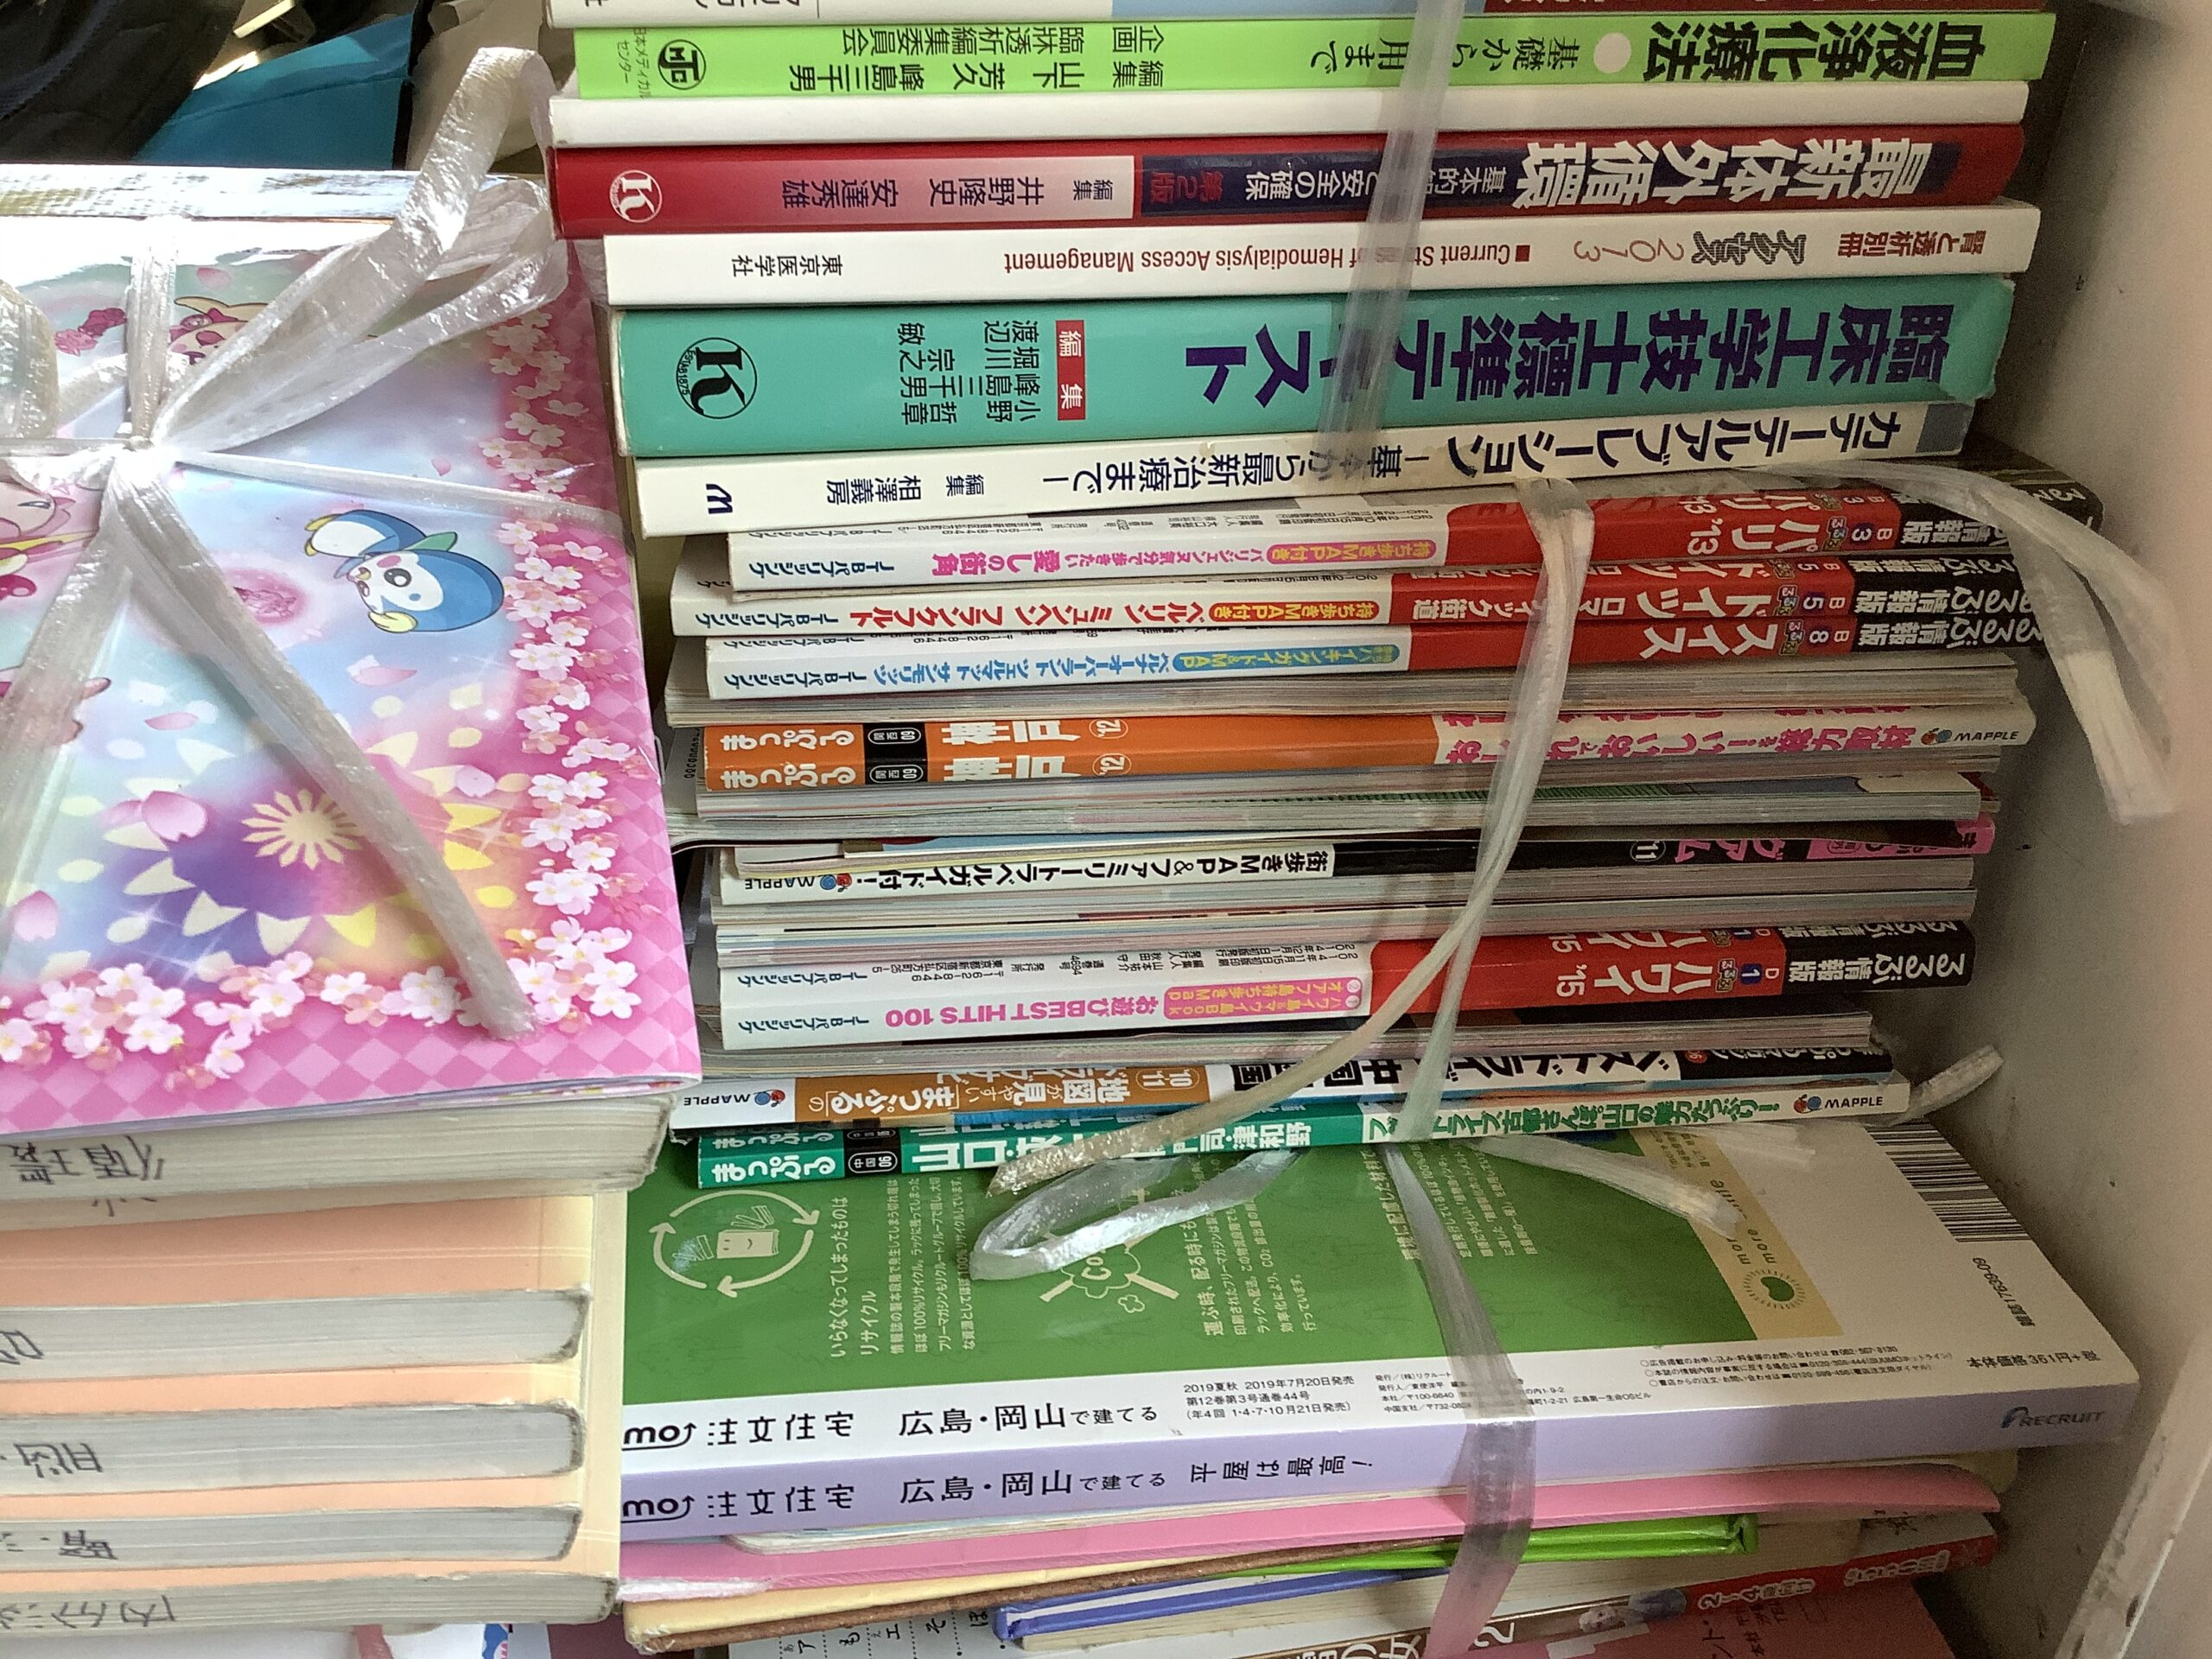 福山市新市町で回収した雑誌